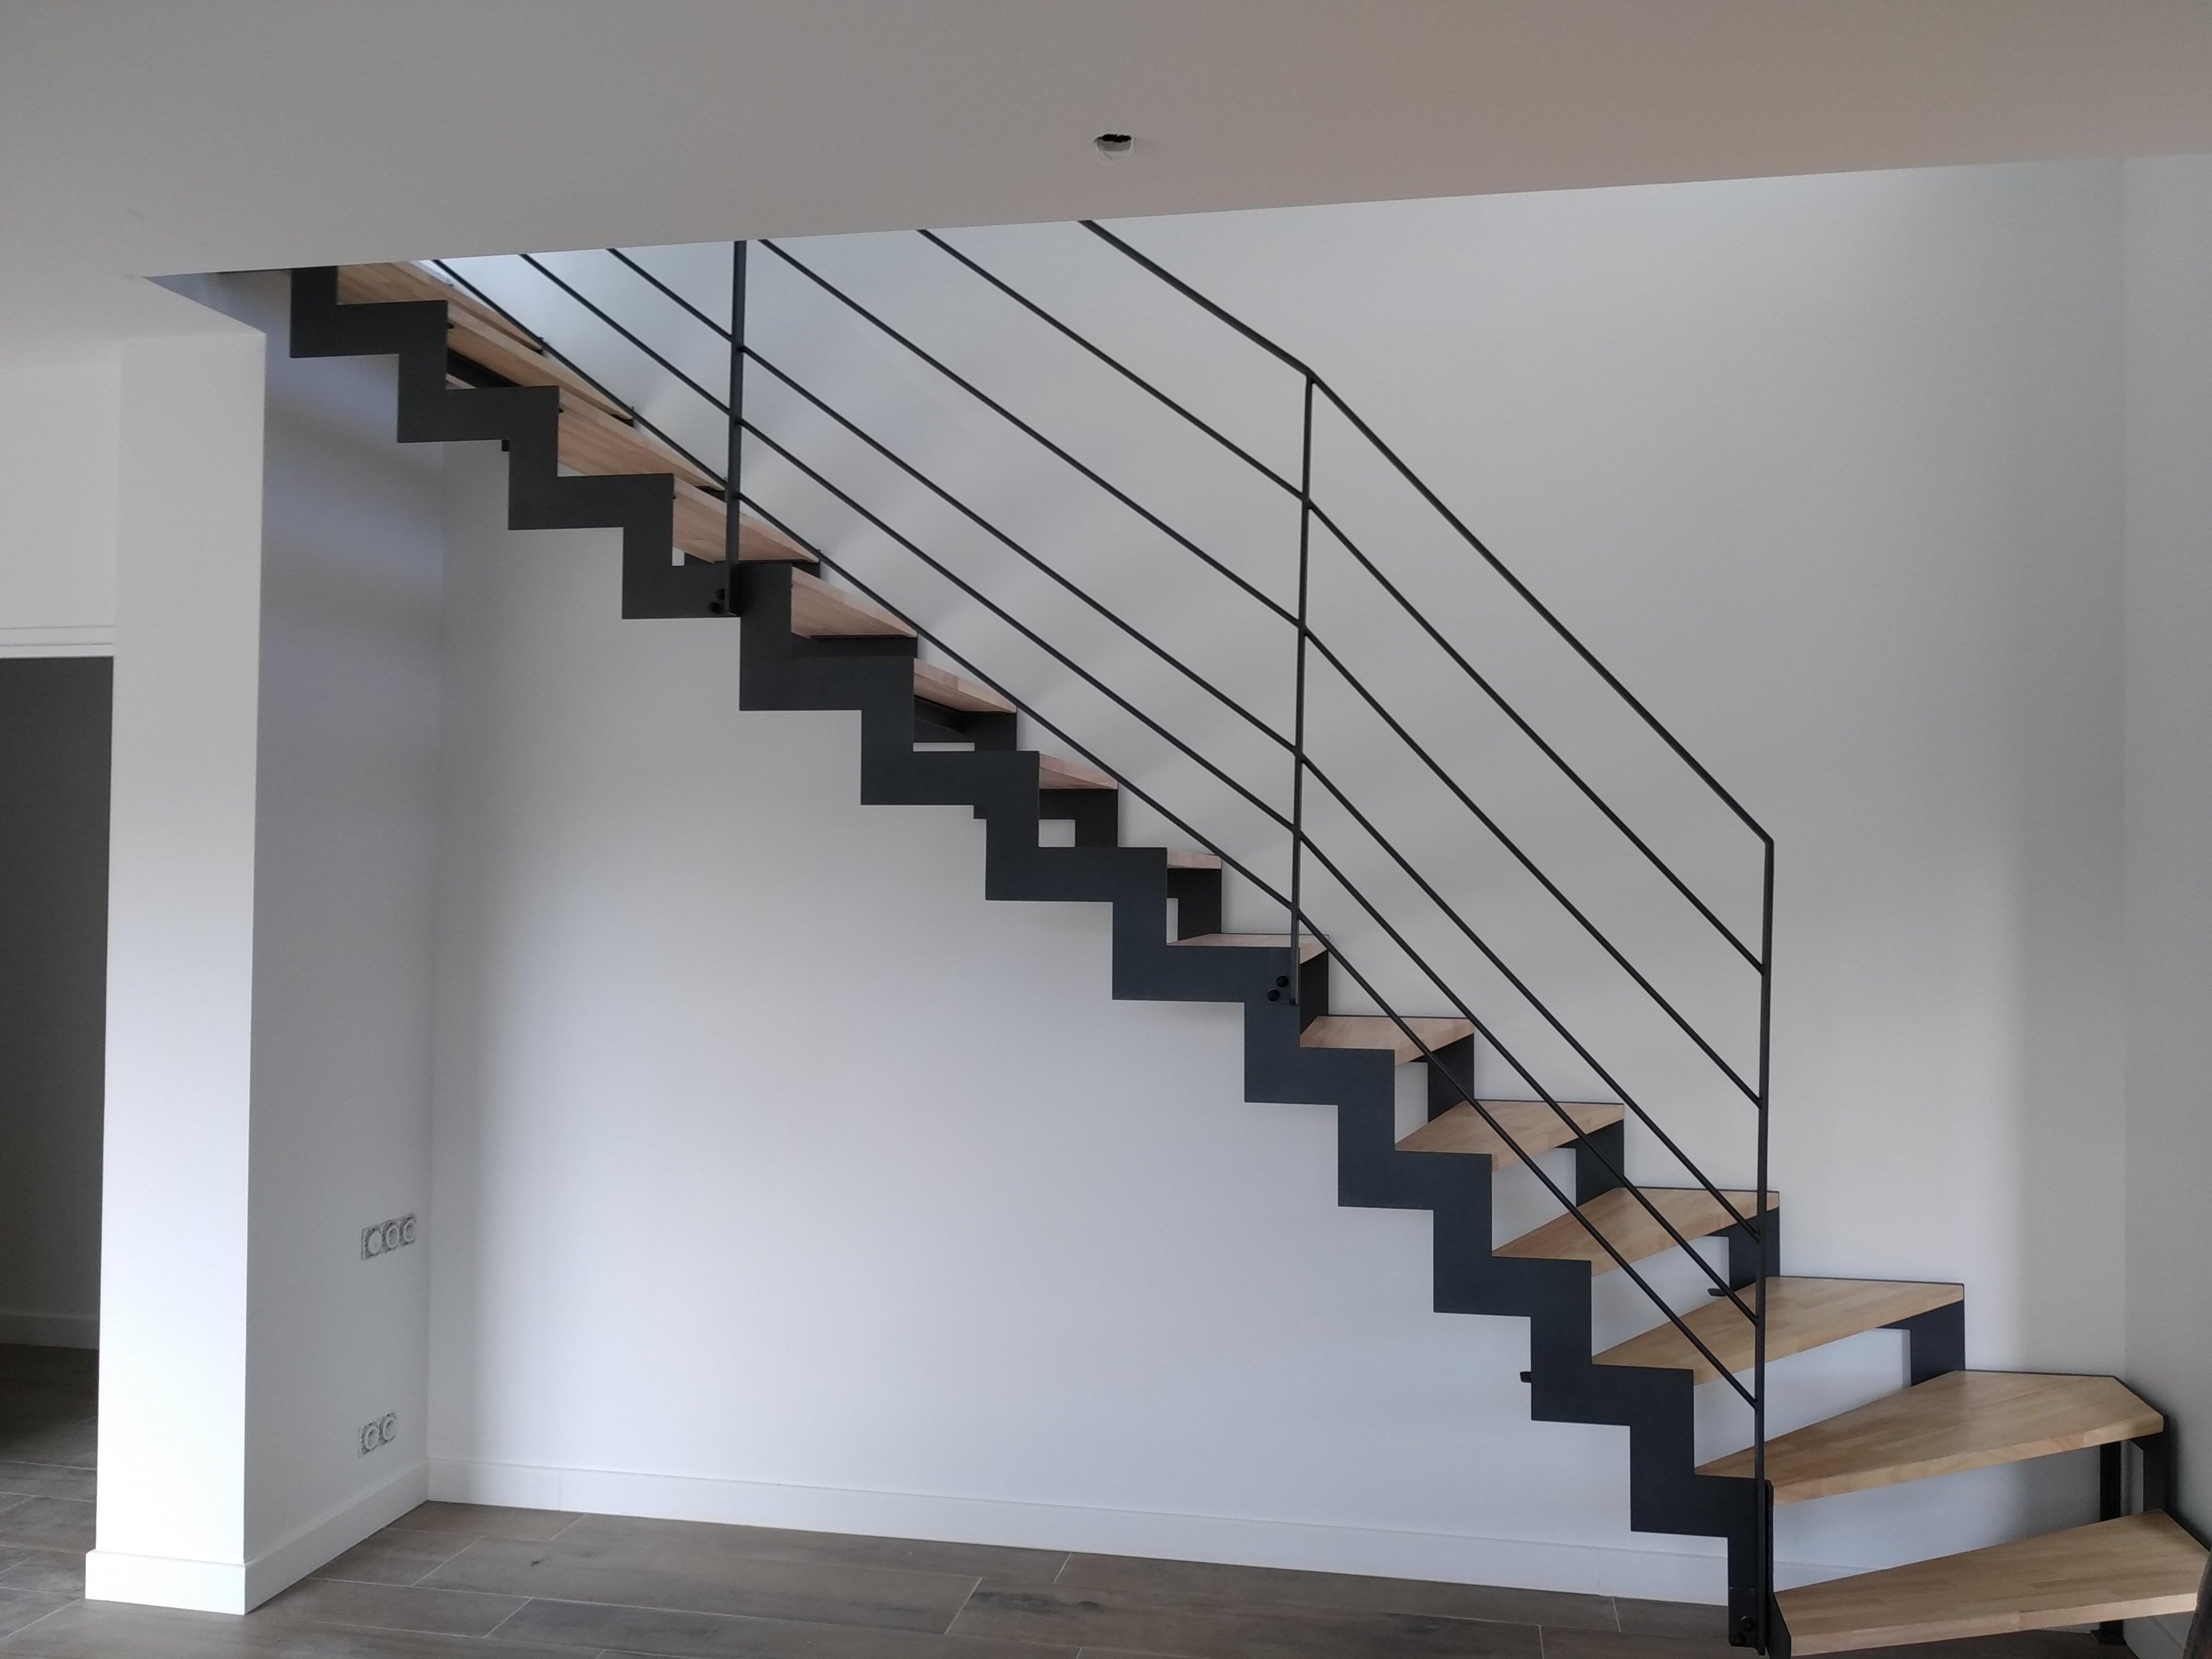 Escalier Metal Finistere Acm Escalier Design A Limon